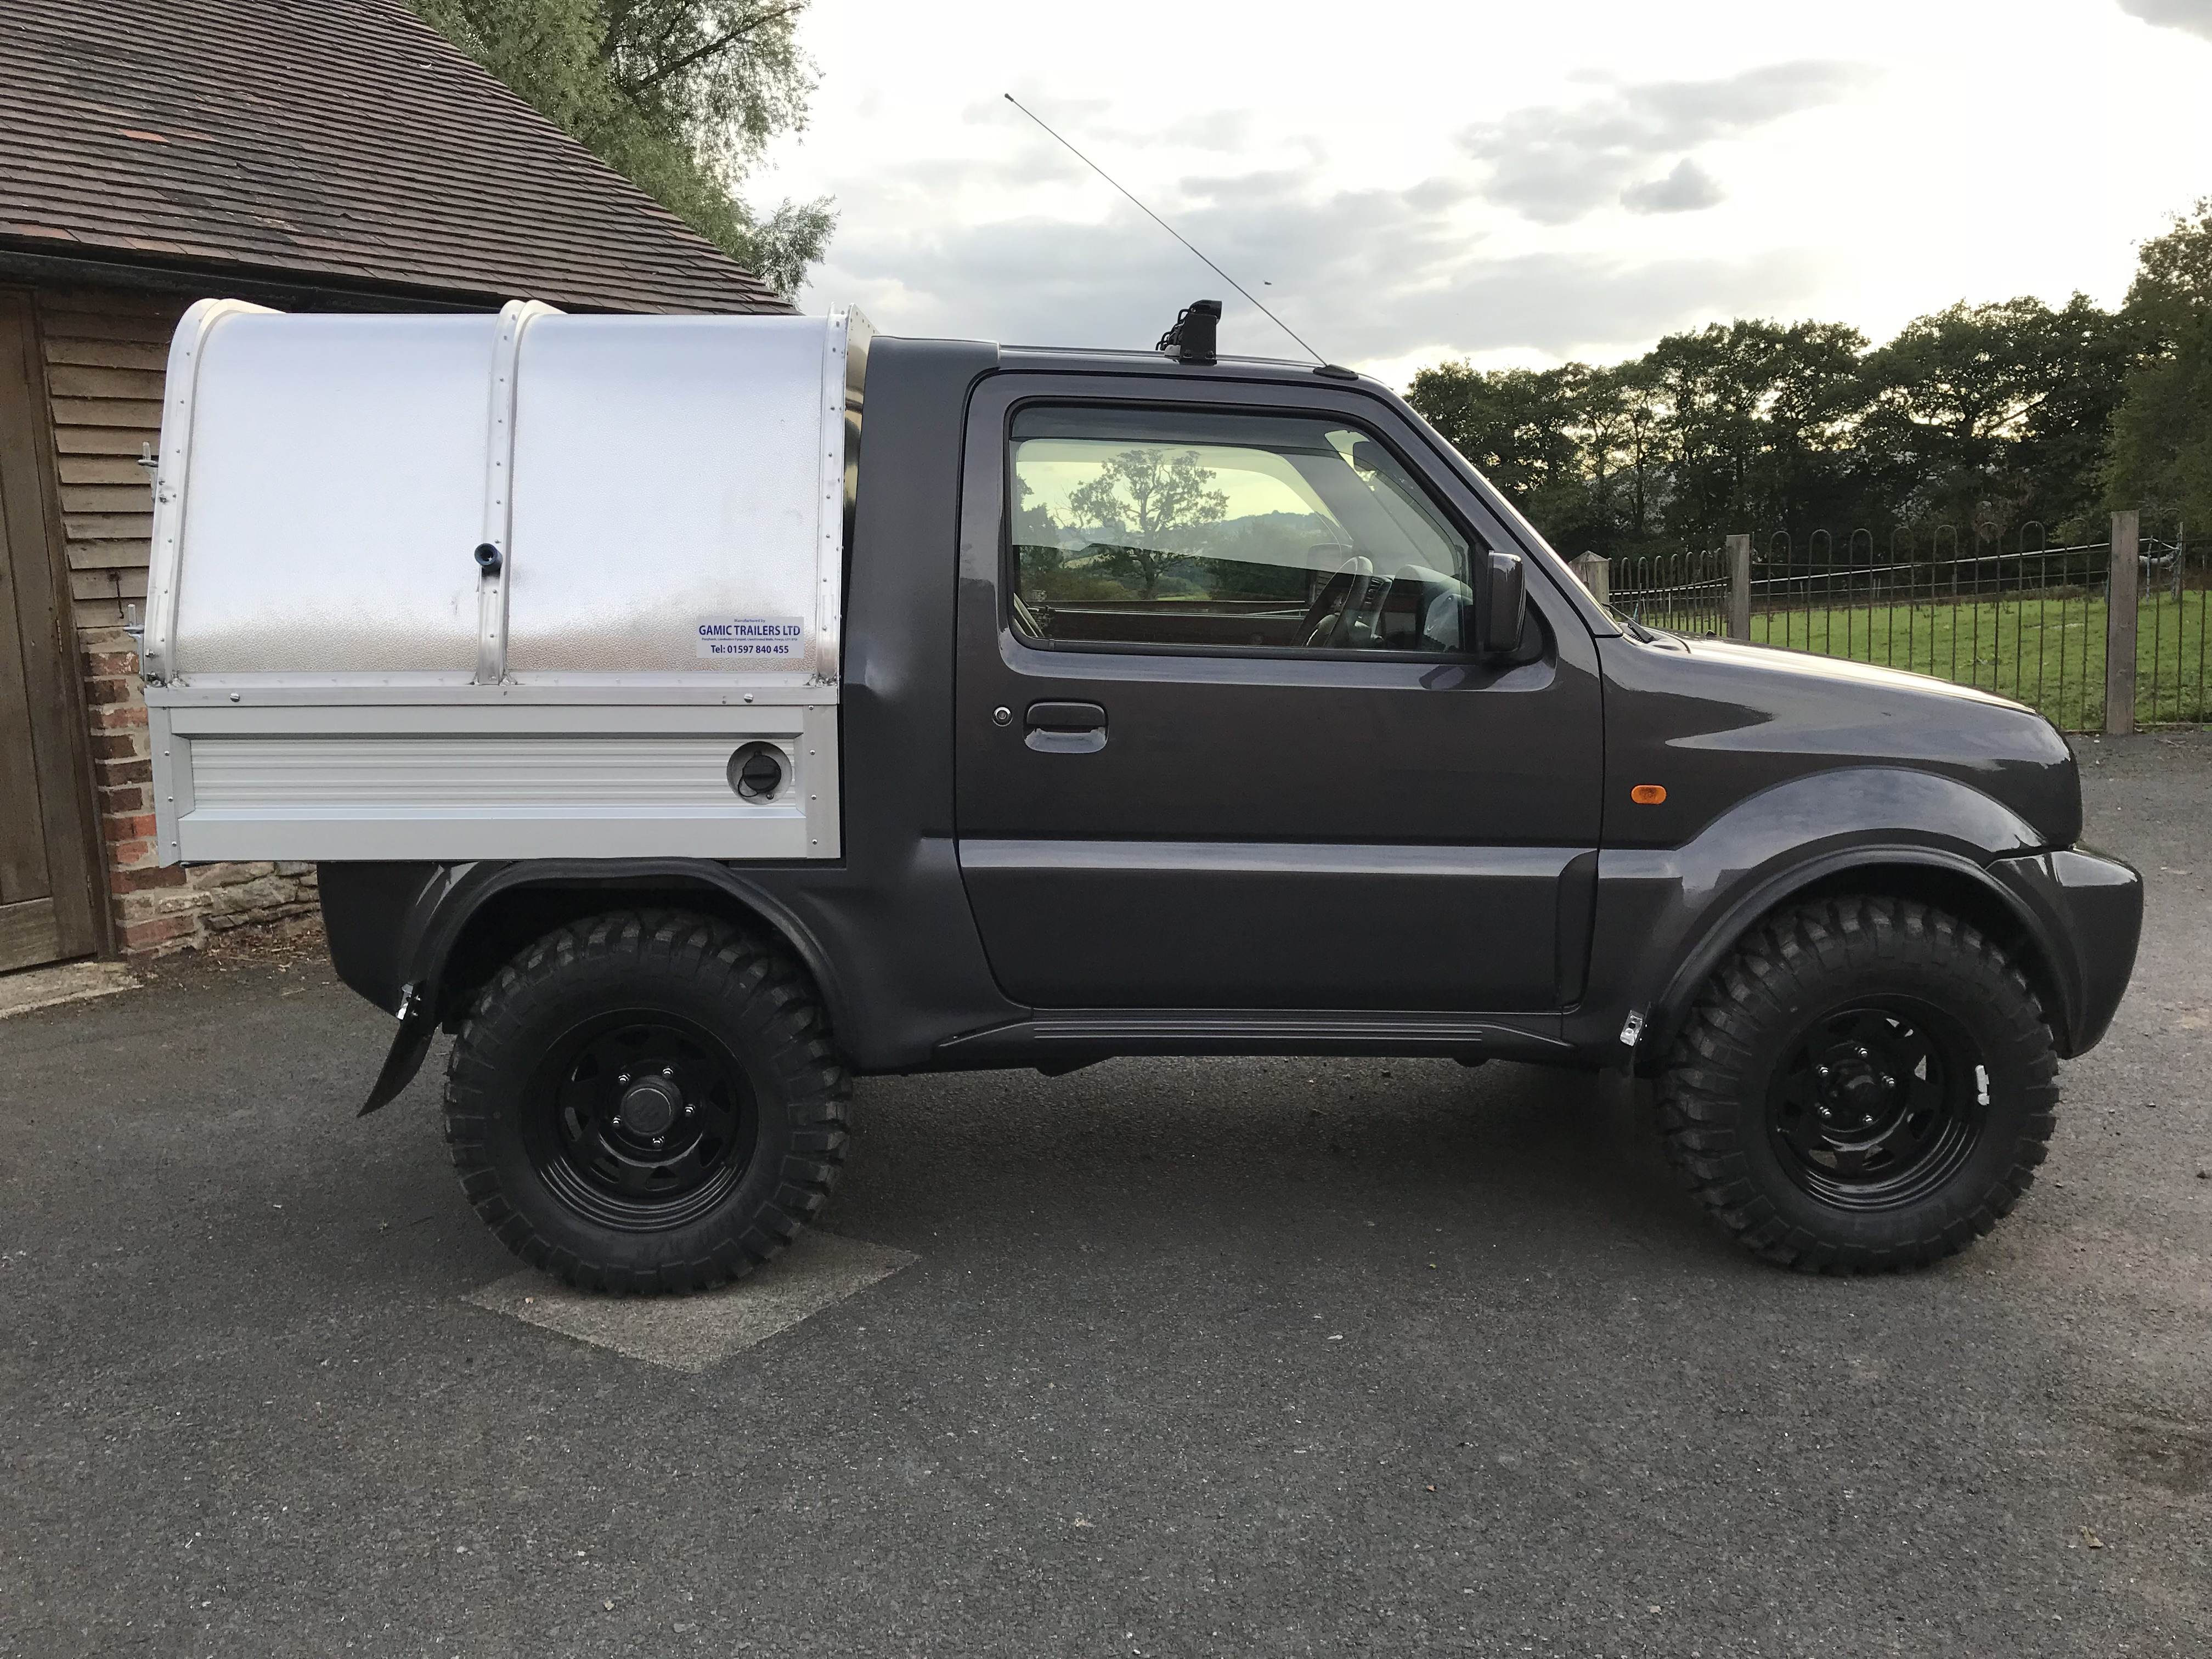 Geliebte Suzuki Jimny Pickup detail @SP_26